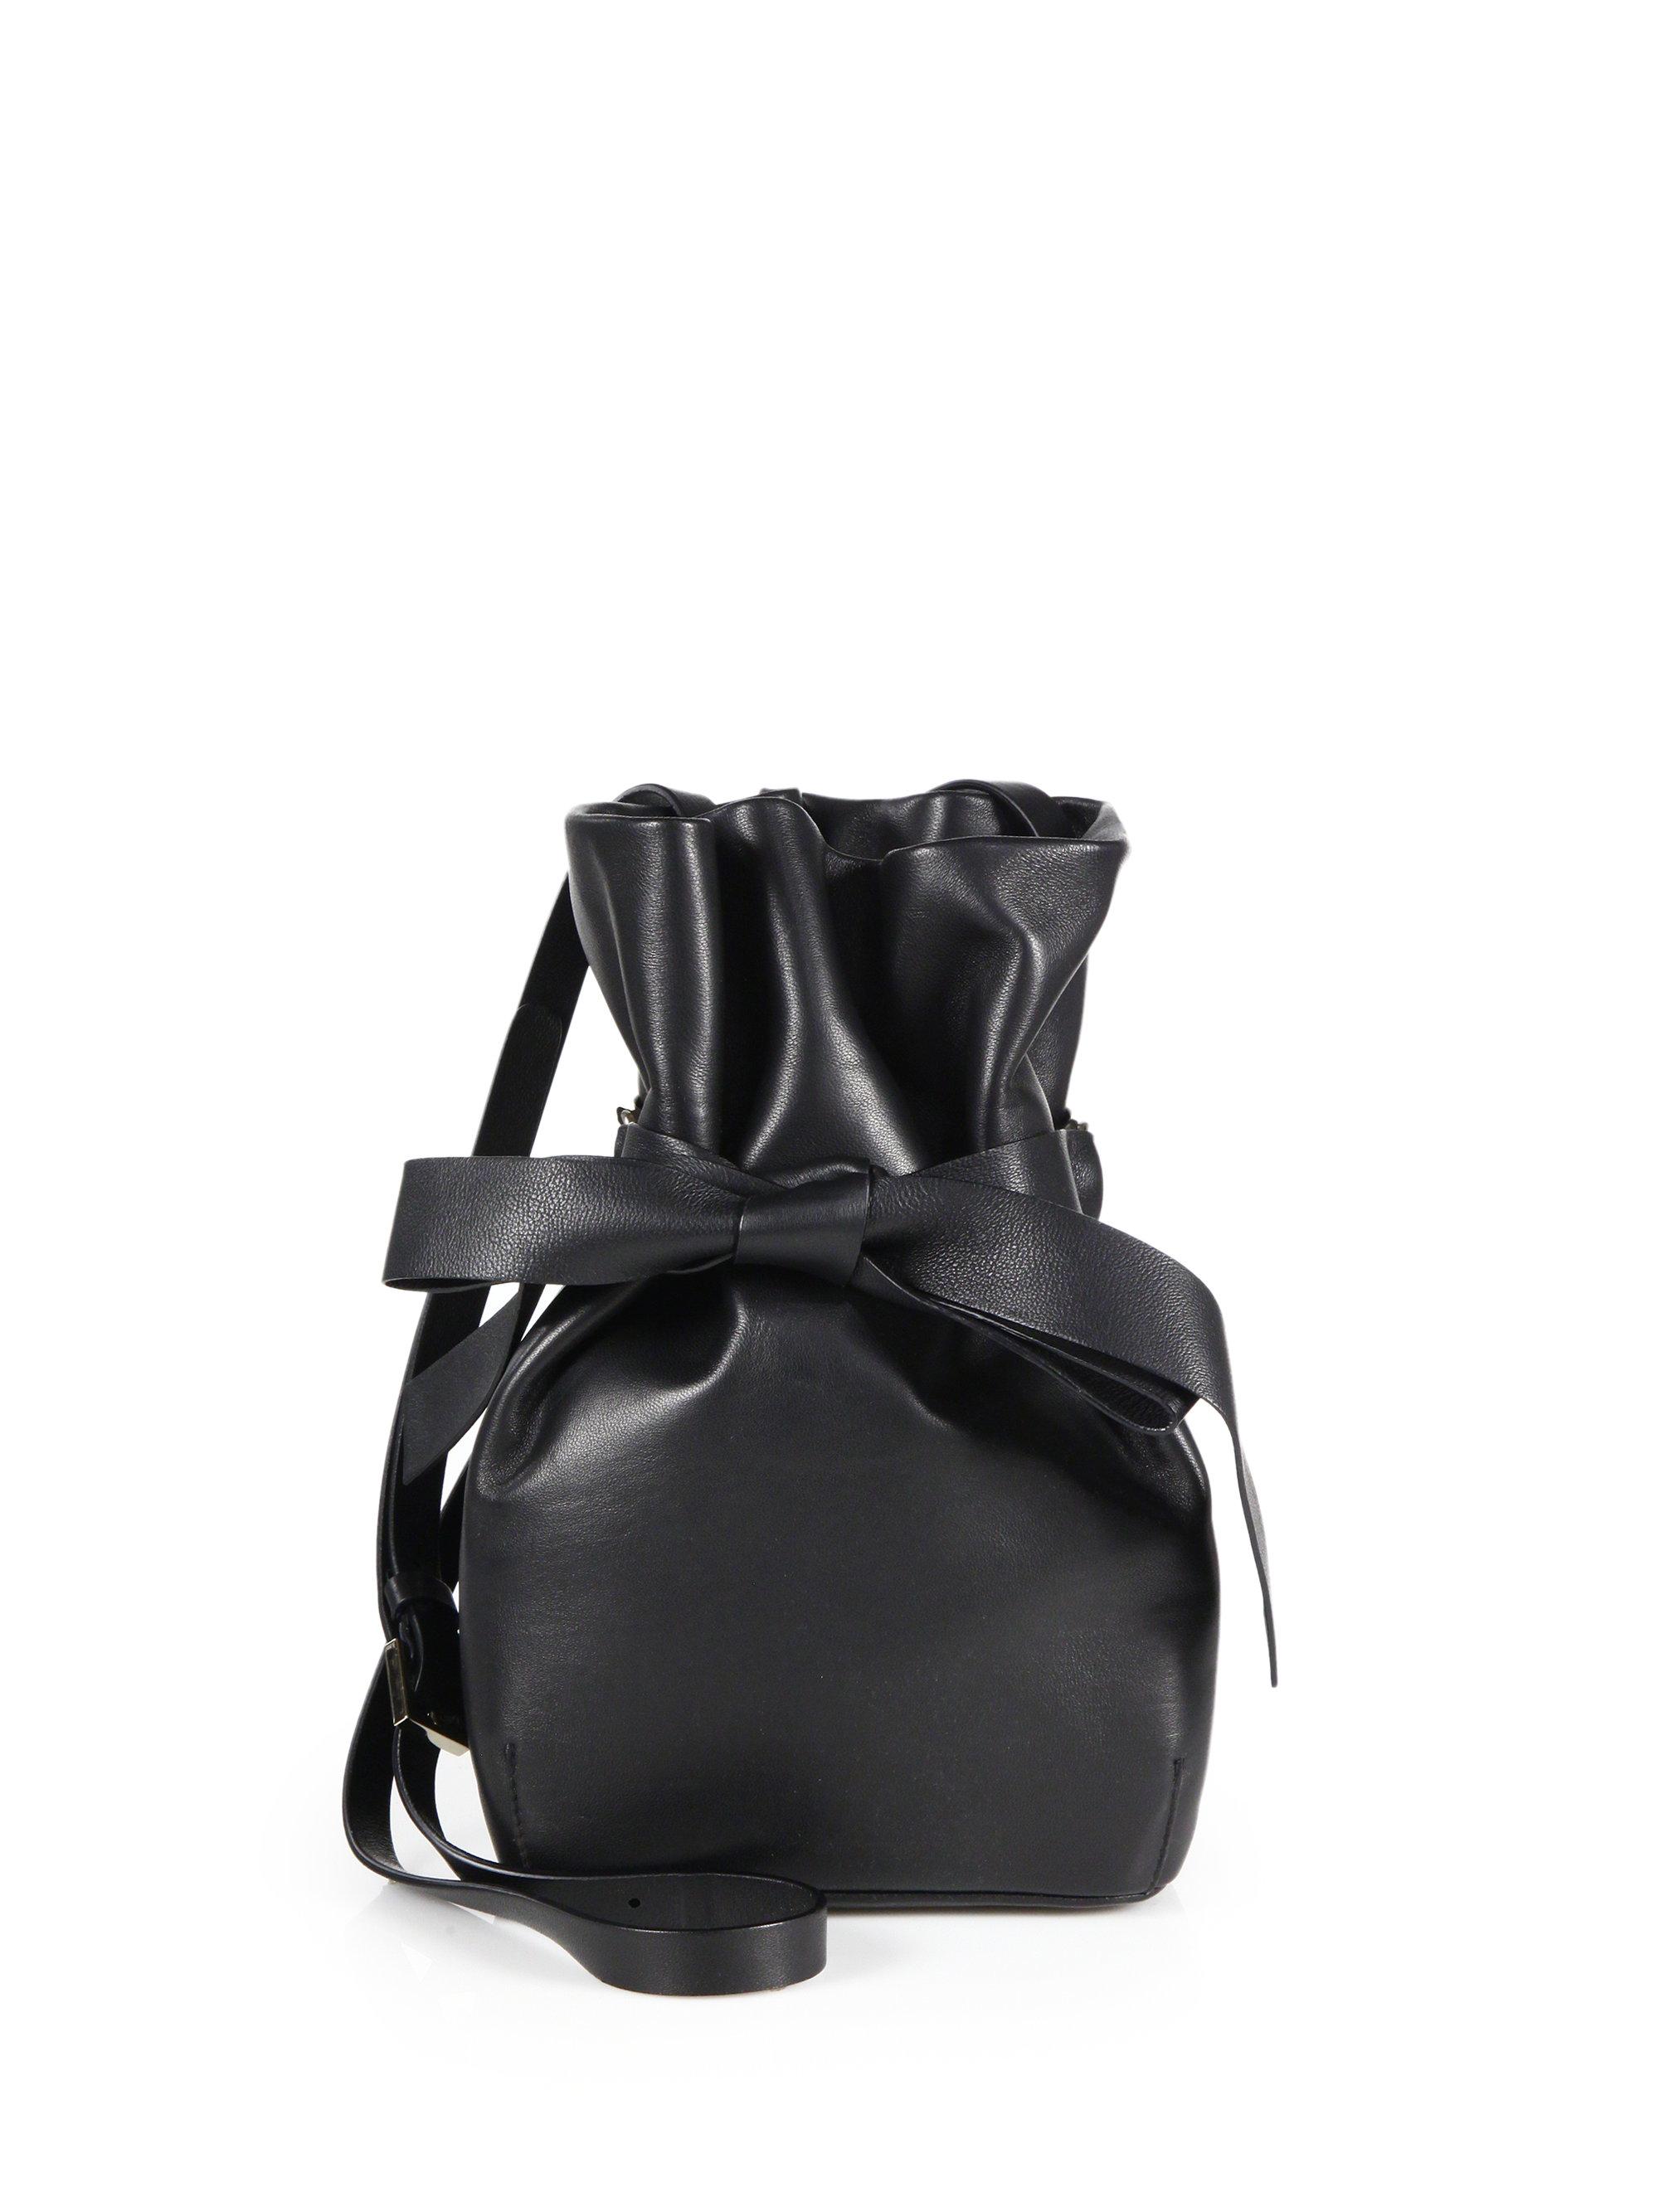 4928f7da06b Jimmy Choo Nappa Leather Bow Bucket Bag in Black - Lyst